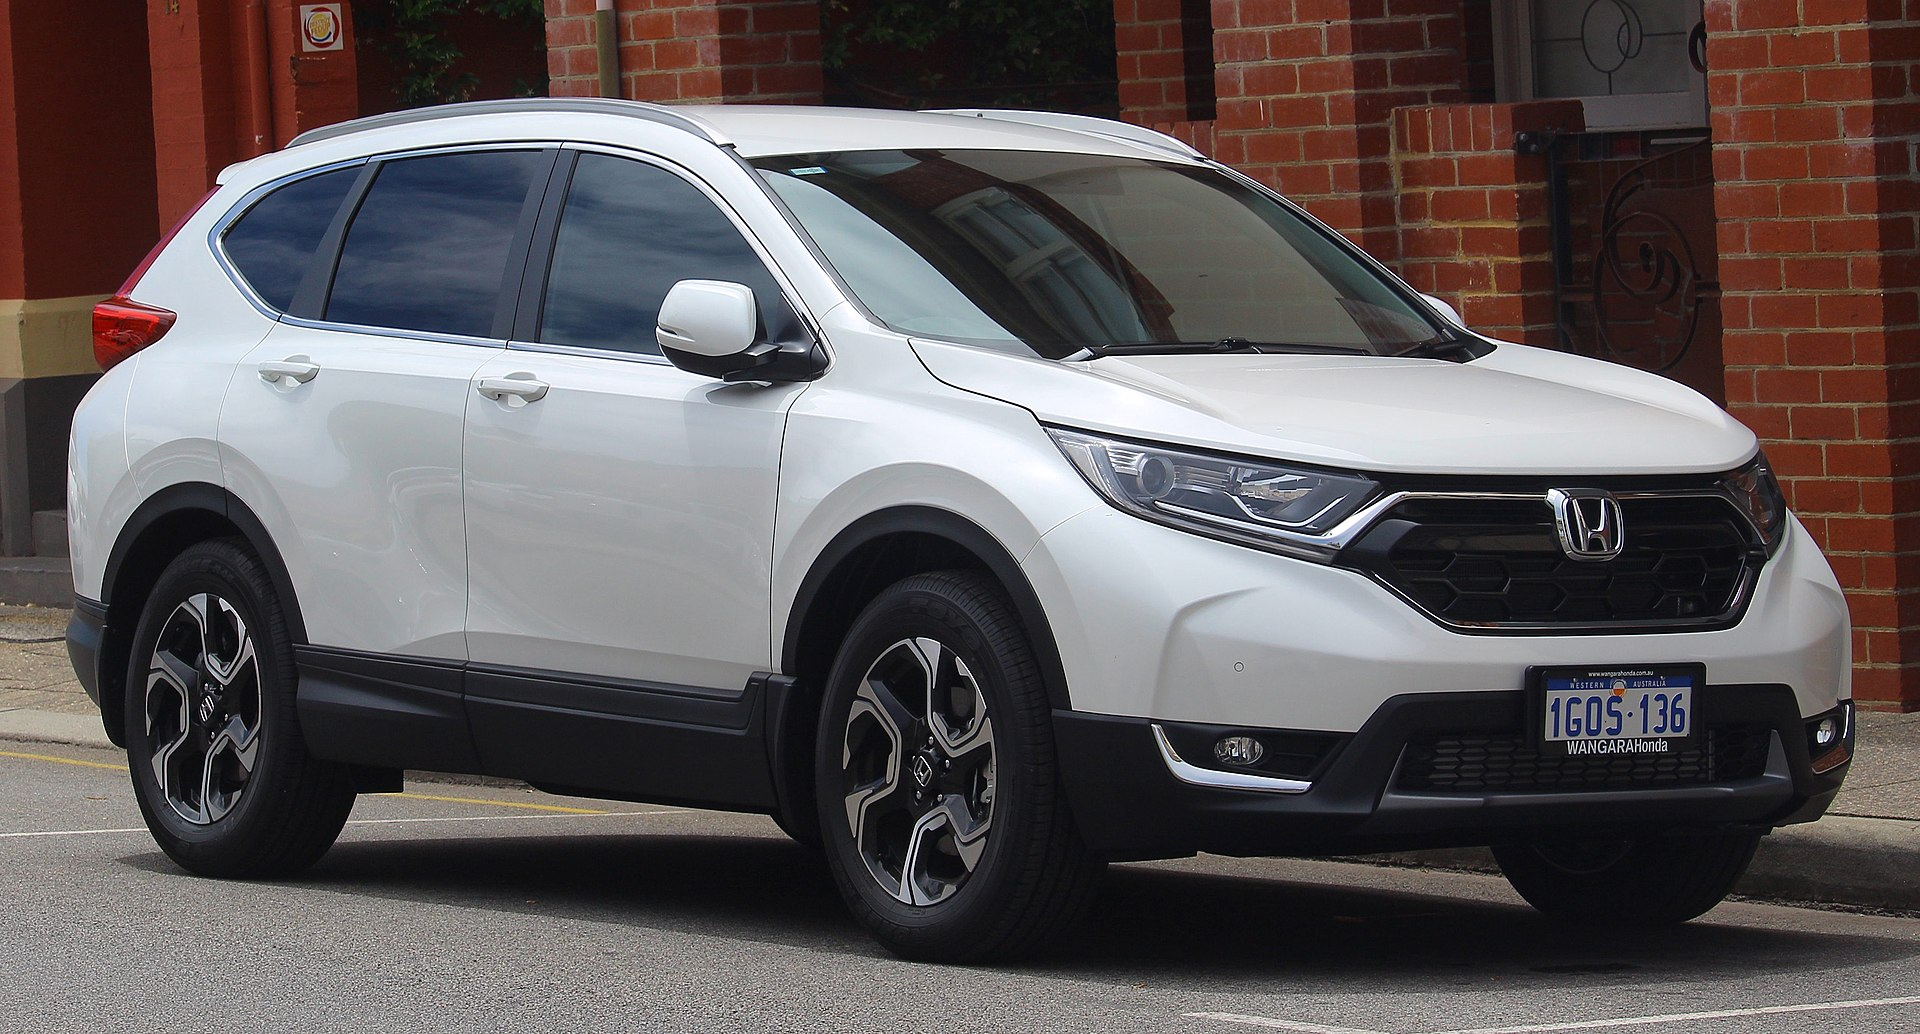 5. Honda CR-V